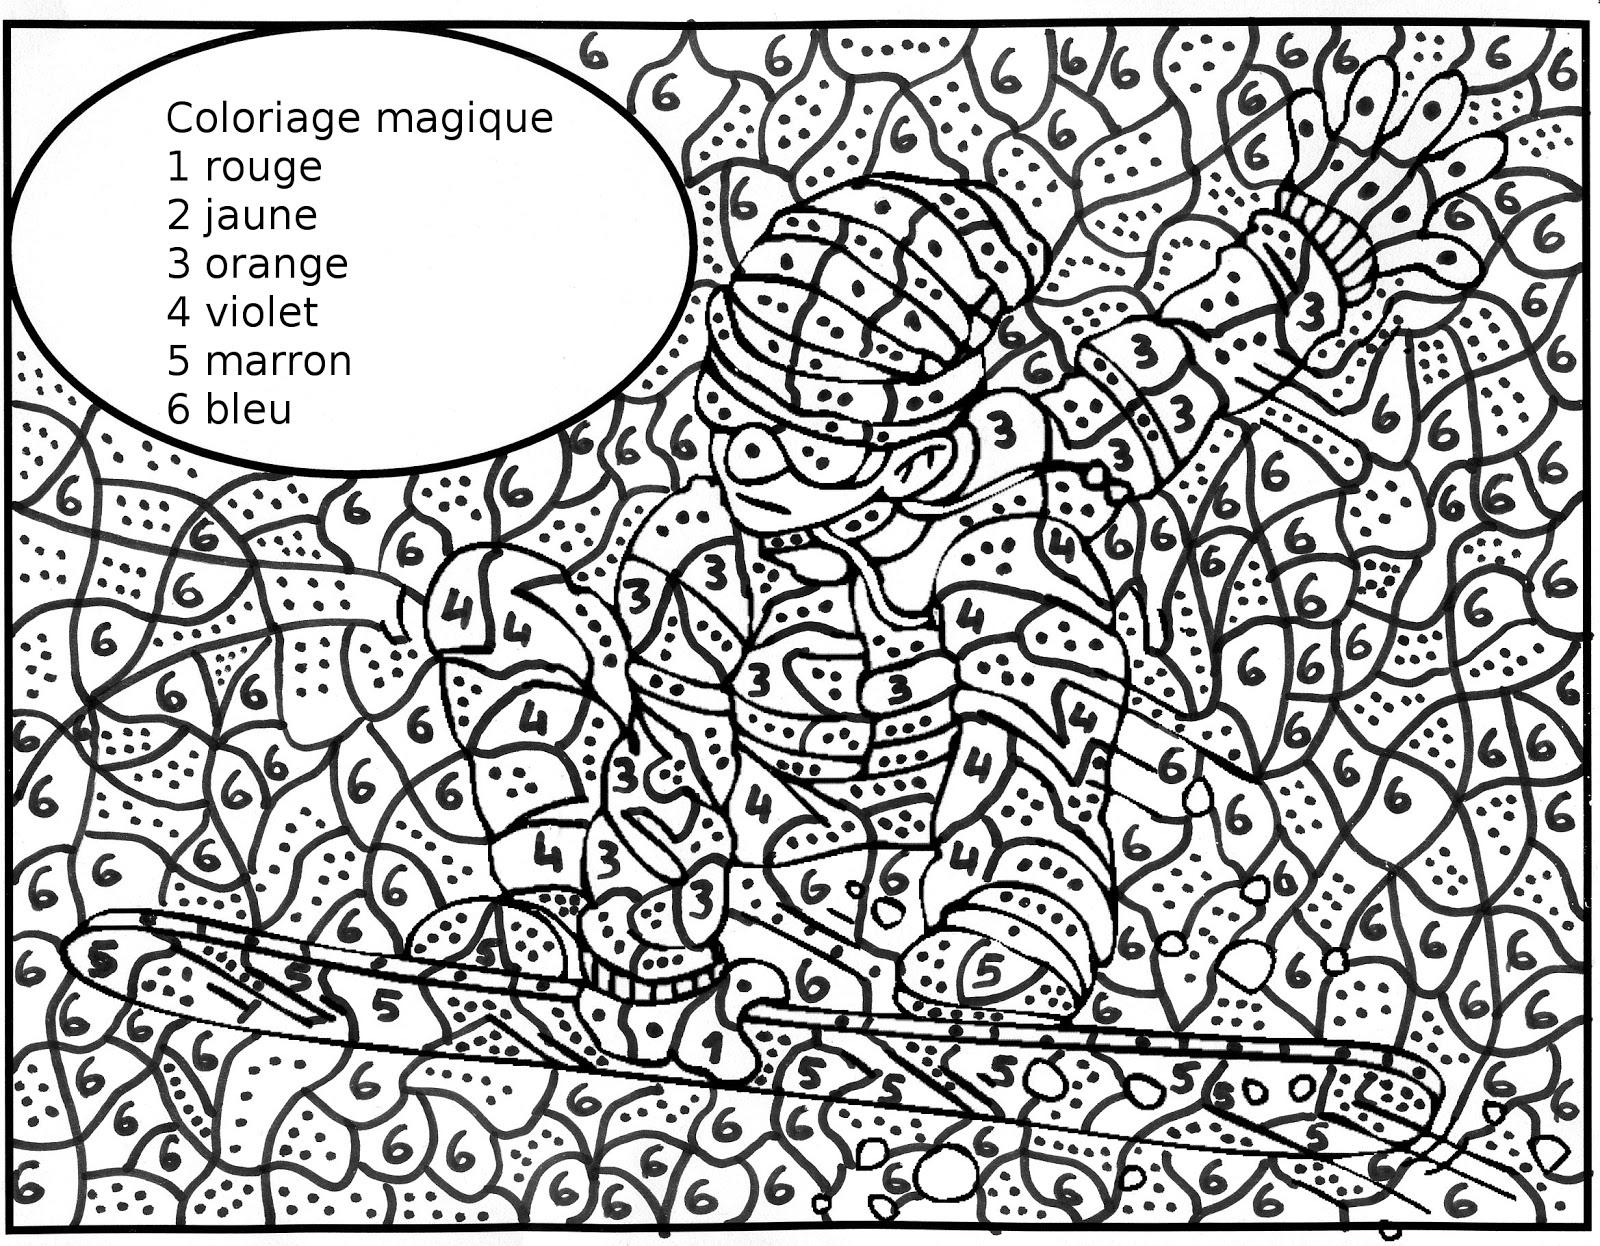 34 Dessins De Coloriage Magique Noël À Imprimer avec Coloriage Codé Noel